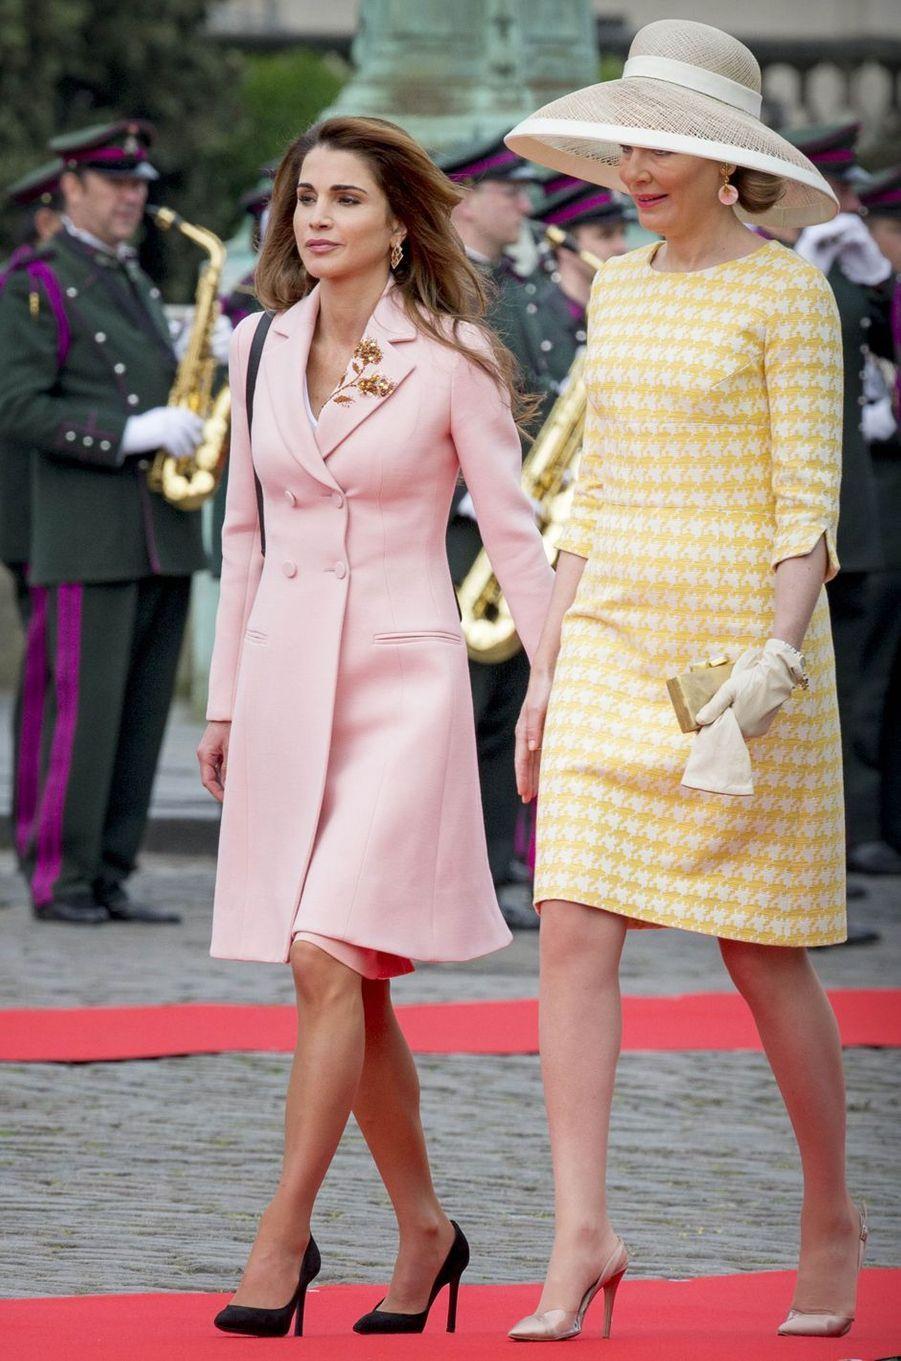 La reine Rania de Jordanie à Bruges avec la reine Mathilde de Belgique, le 19 mai 2016